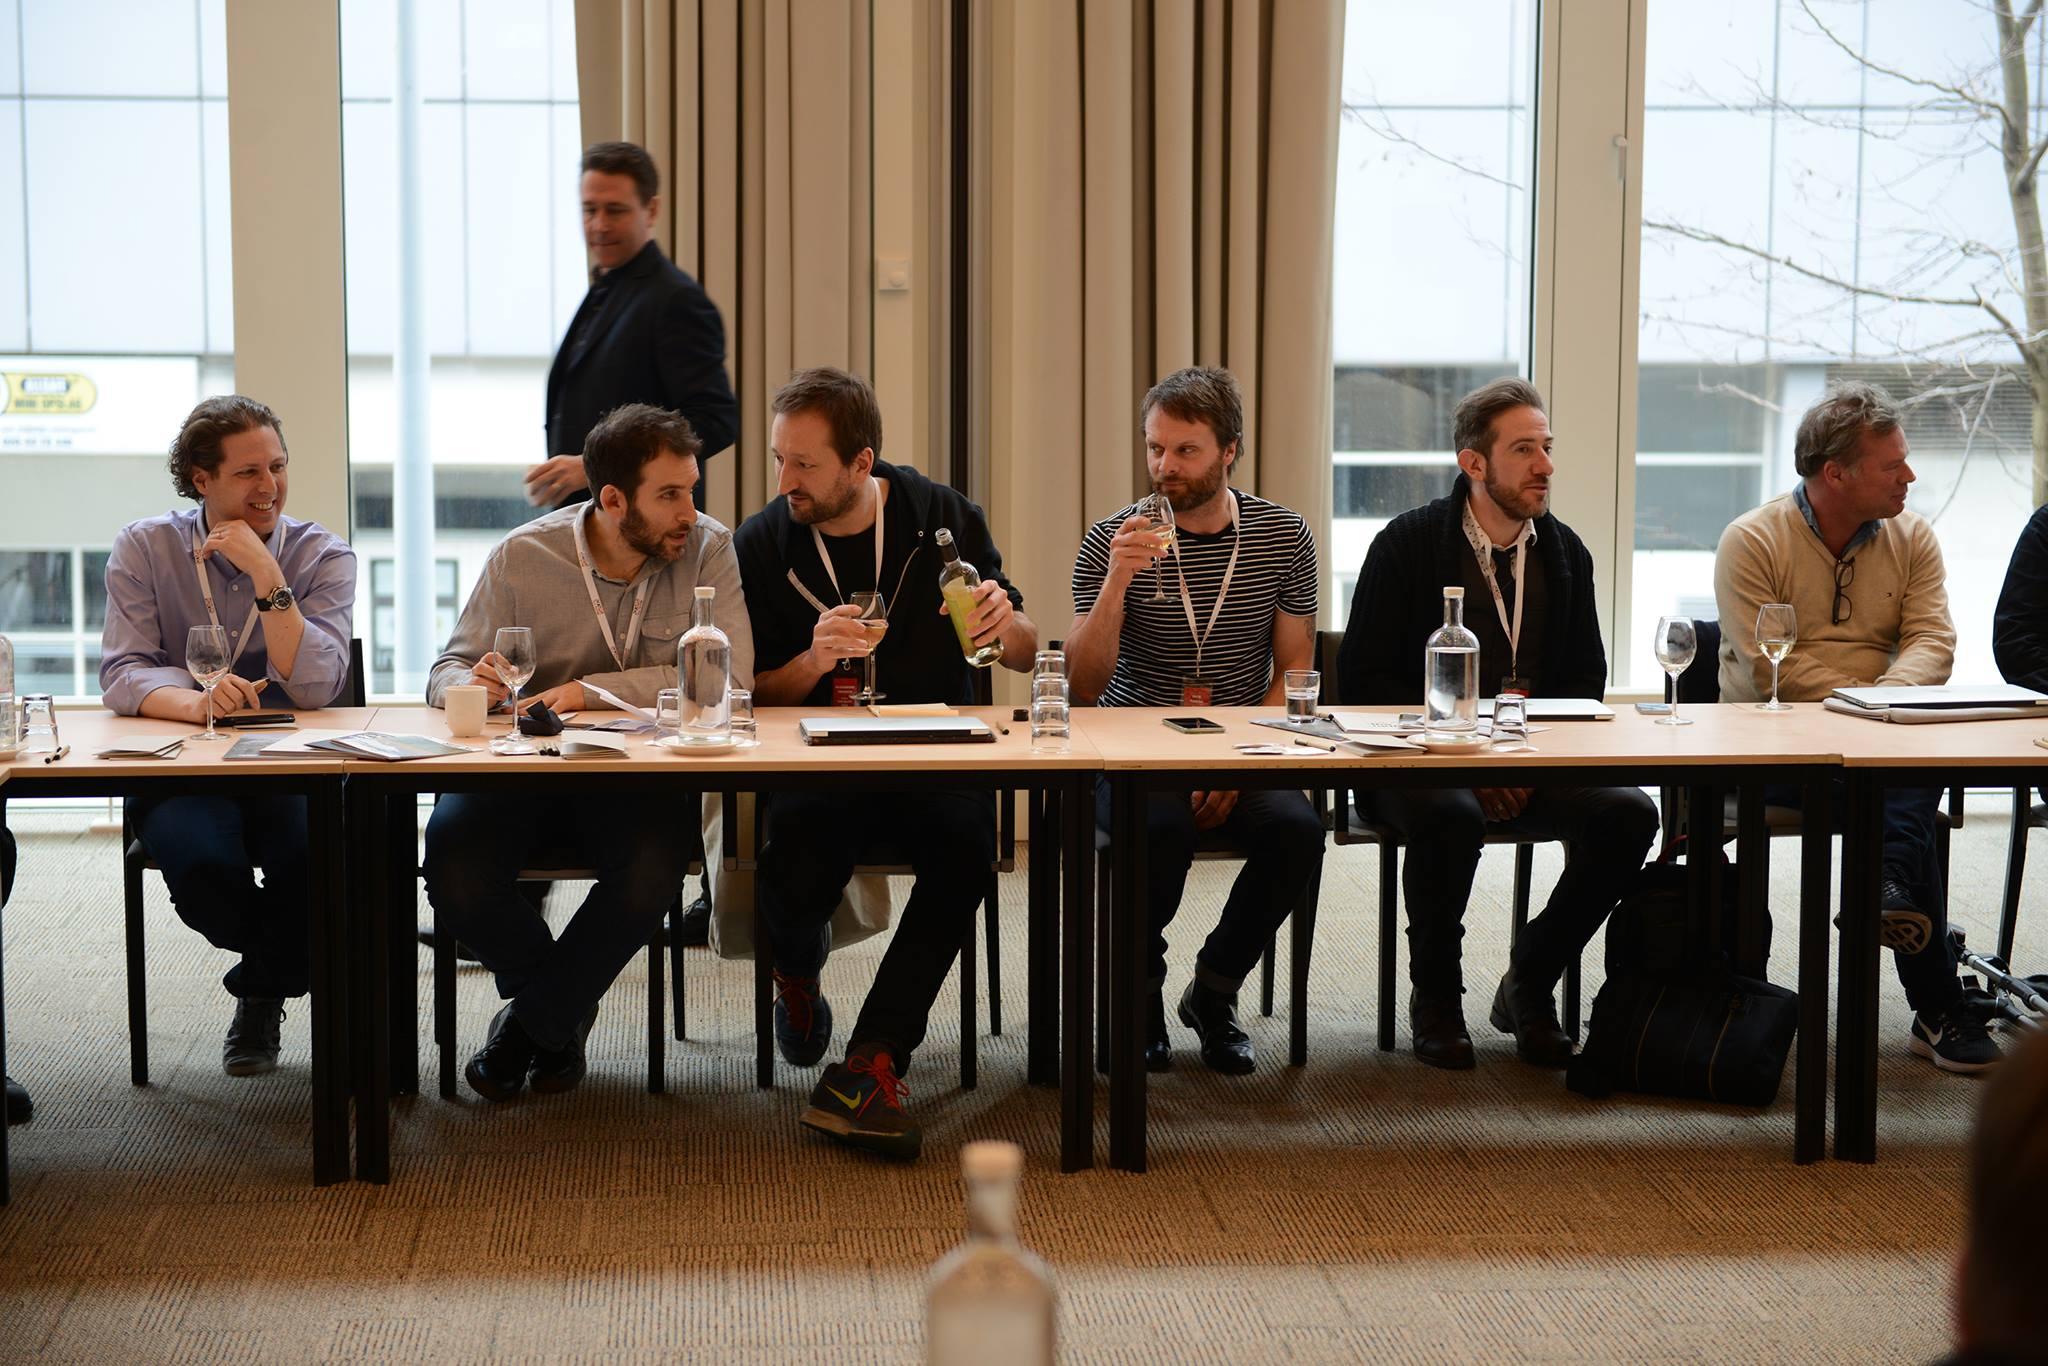 FRONTIÈRES annonce la programmation de la sélection officielle pour le forum 2020 en SUÈDE